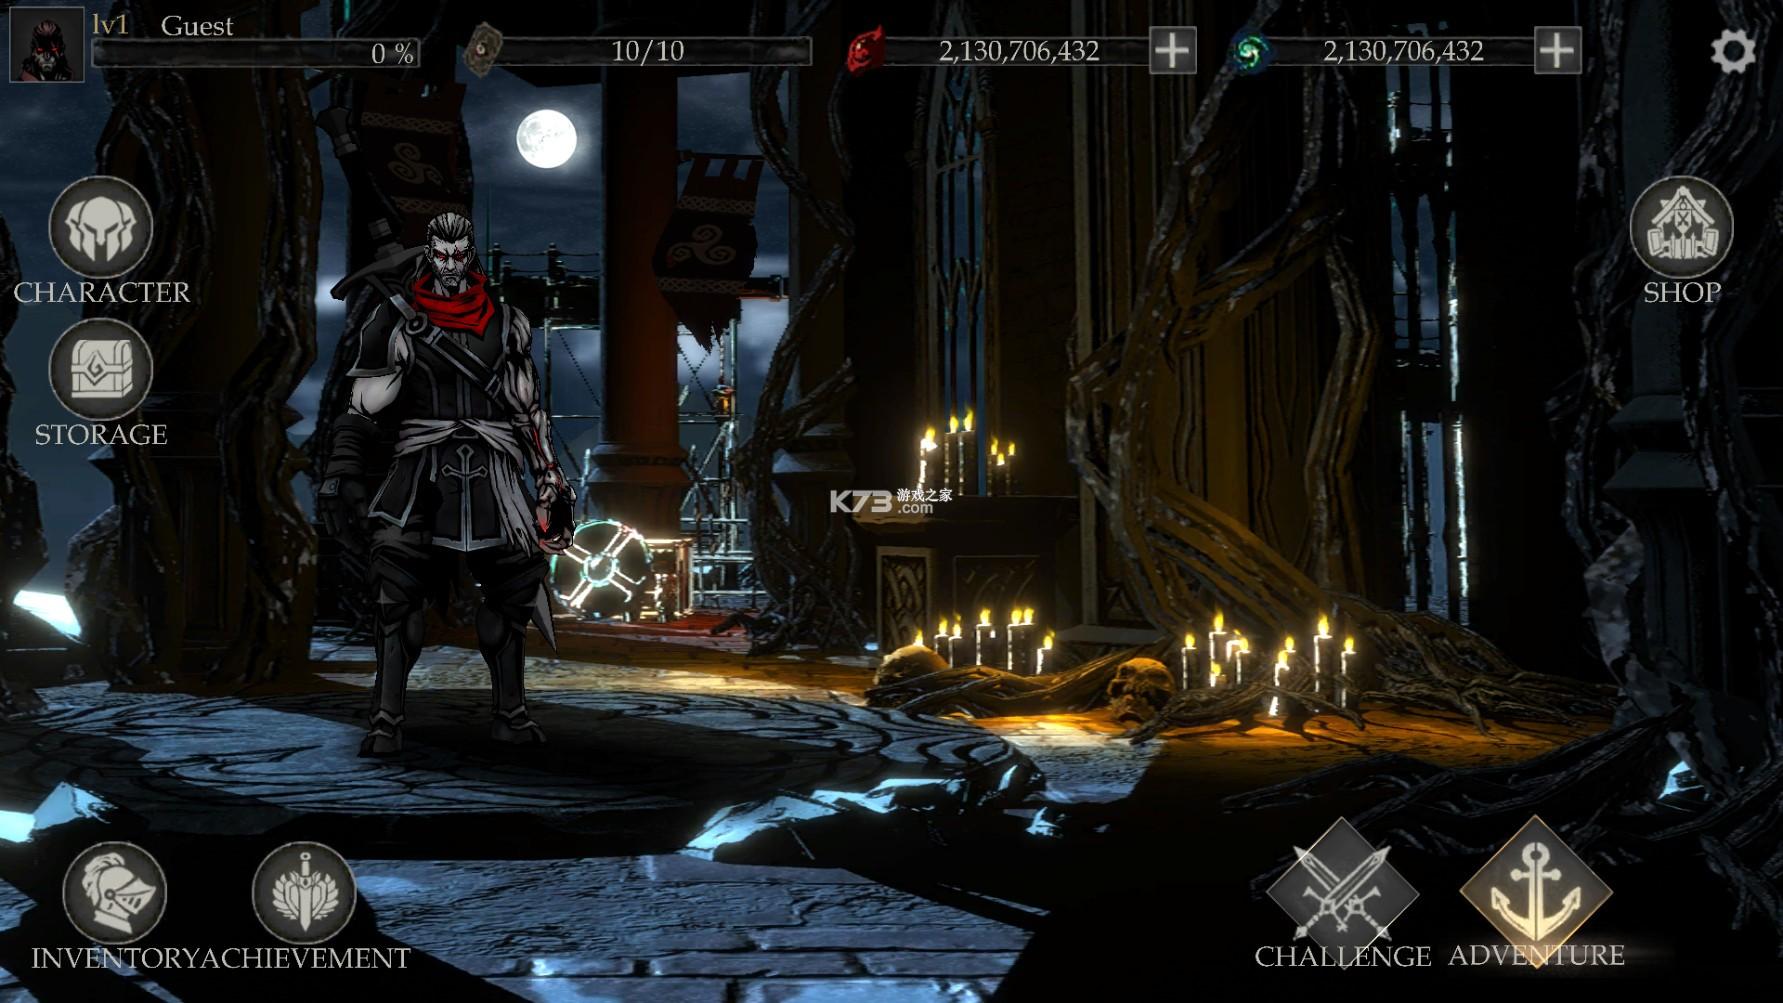 黑暗骑士火柴人战斗2 v1.47.3.2 破解版 截图